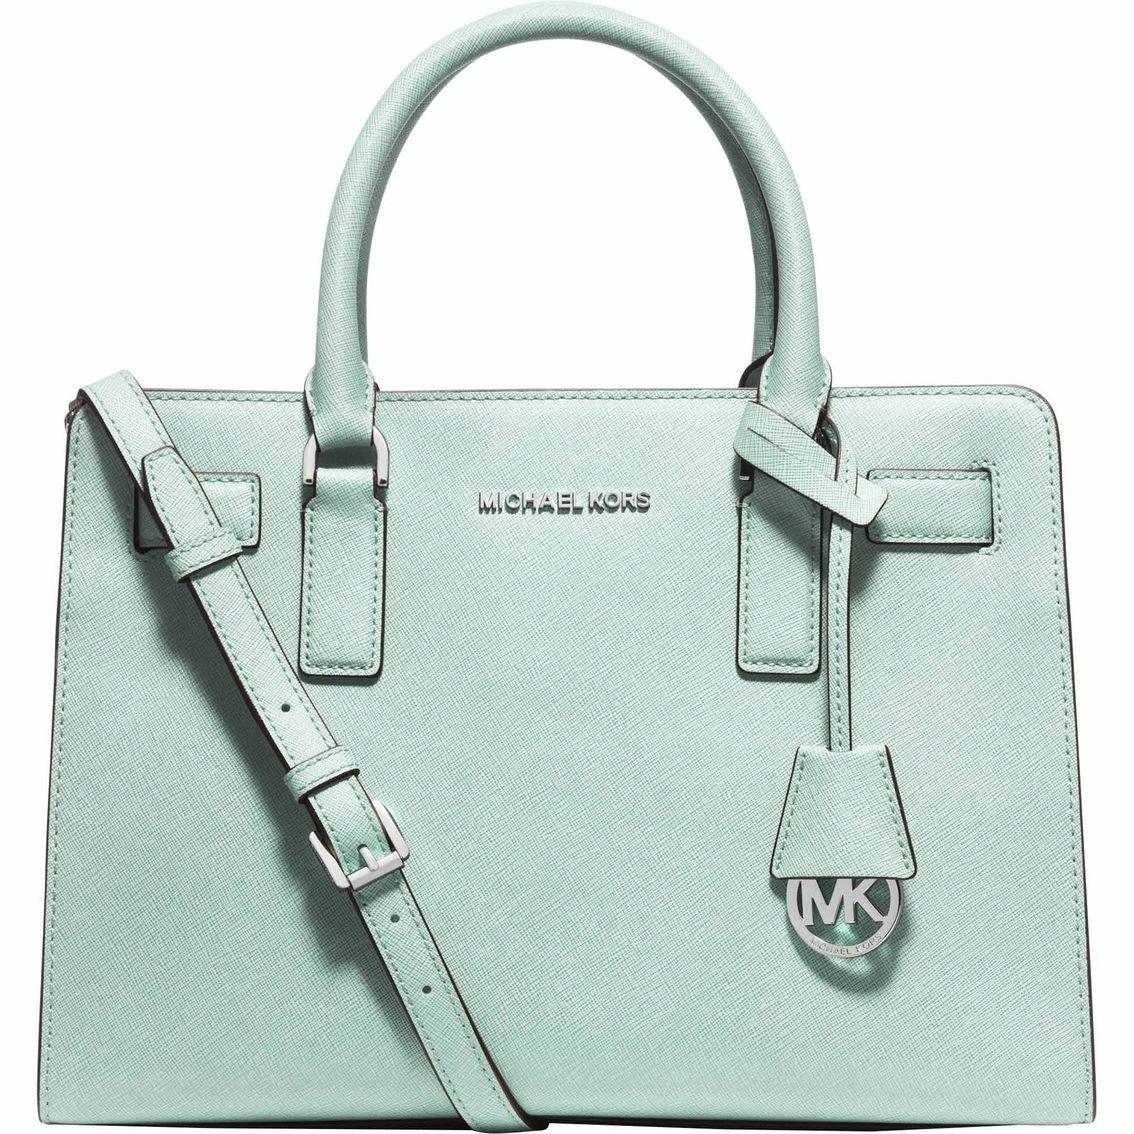 d5eb4ae21d3203 Amazon.com: Michael Kors Dillon East West Saffiano Leather Satchel Bag,  Celadon: Shoes